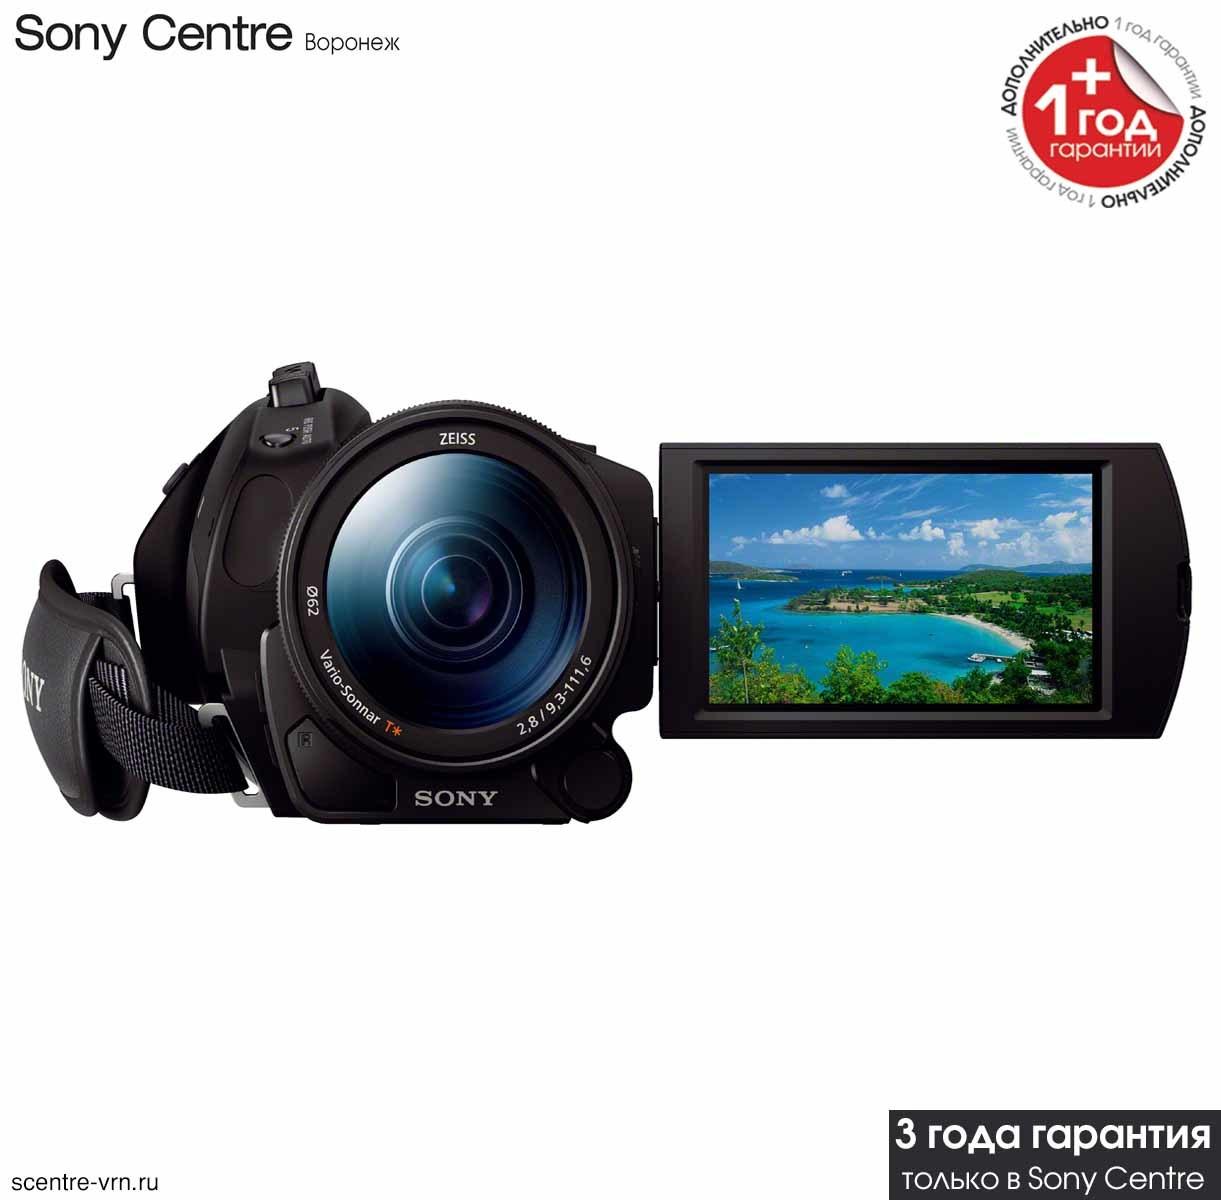 Купить видеокамеру Sony FDRAX700 в Sony Centre воронеж